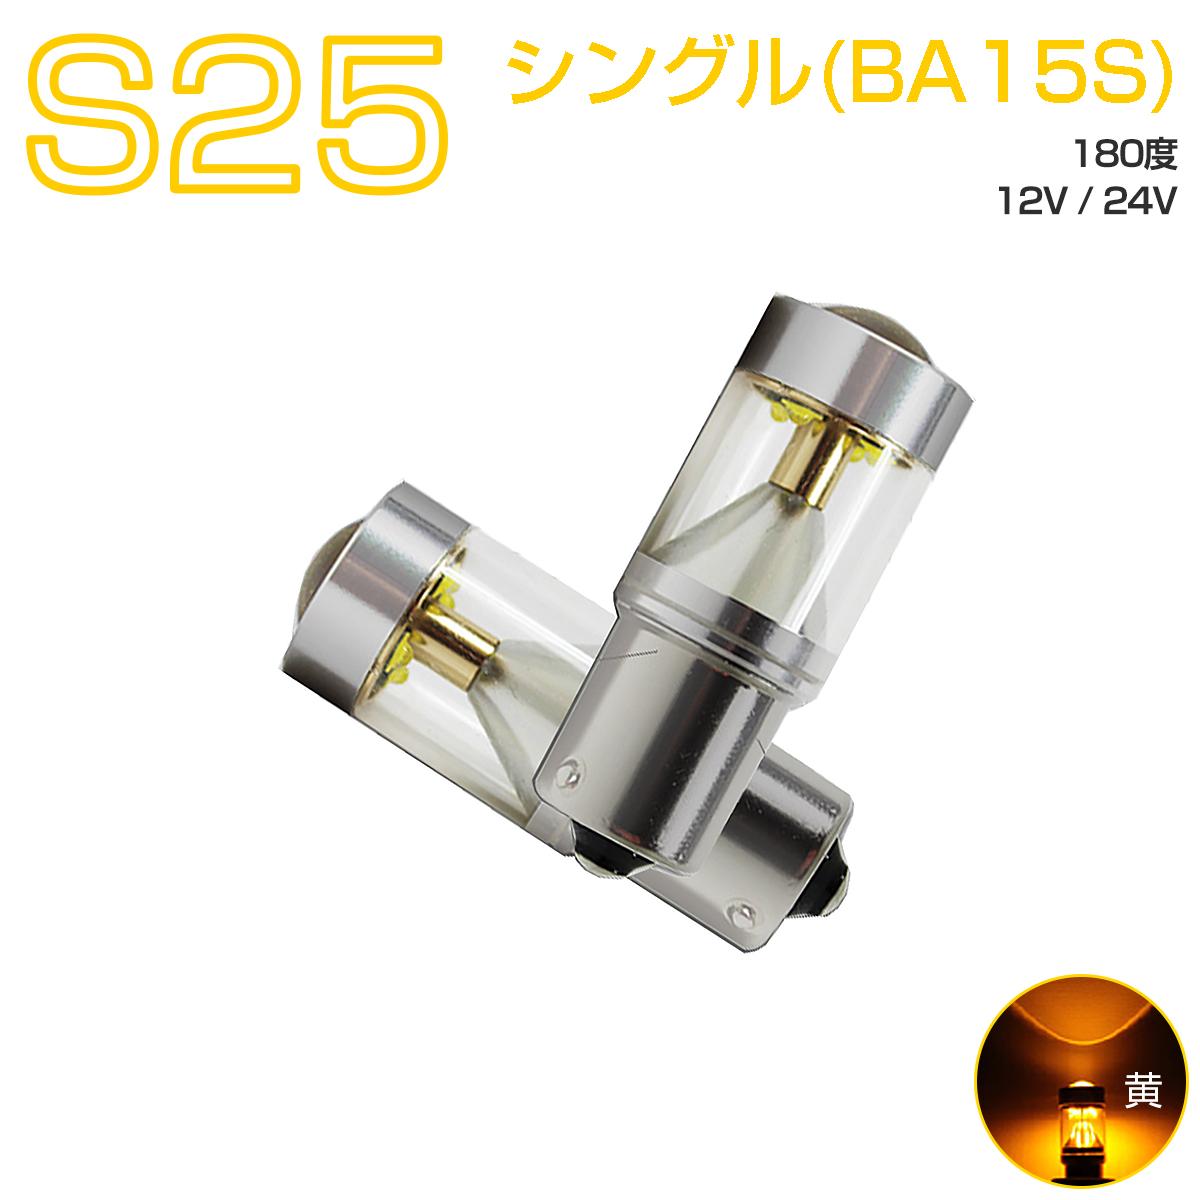 LED S25シングルBA15S アンバー黄発光 30W CREEチップ フォグランプ ブレーキ ウインカー バックランプ 2個入り 12V 24V SDM便送料無料 1年保証